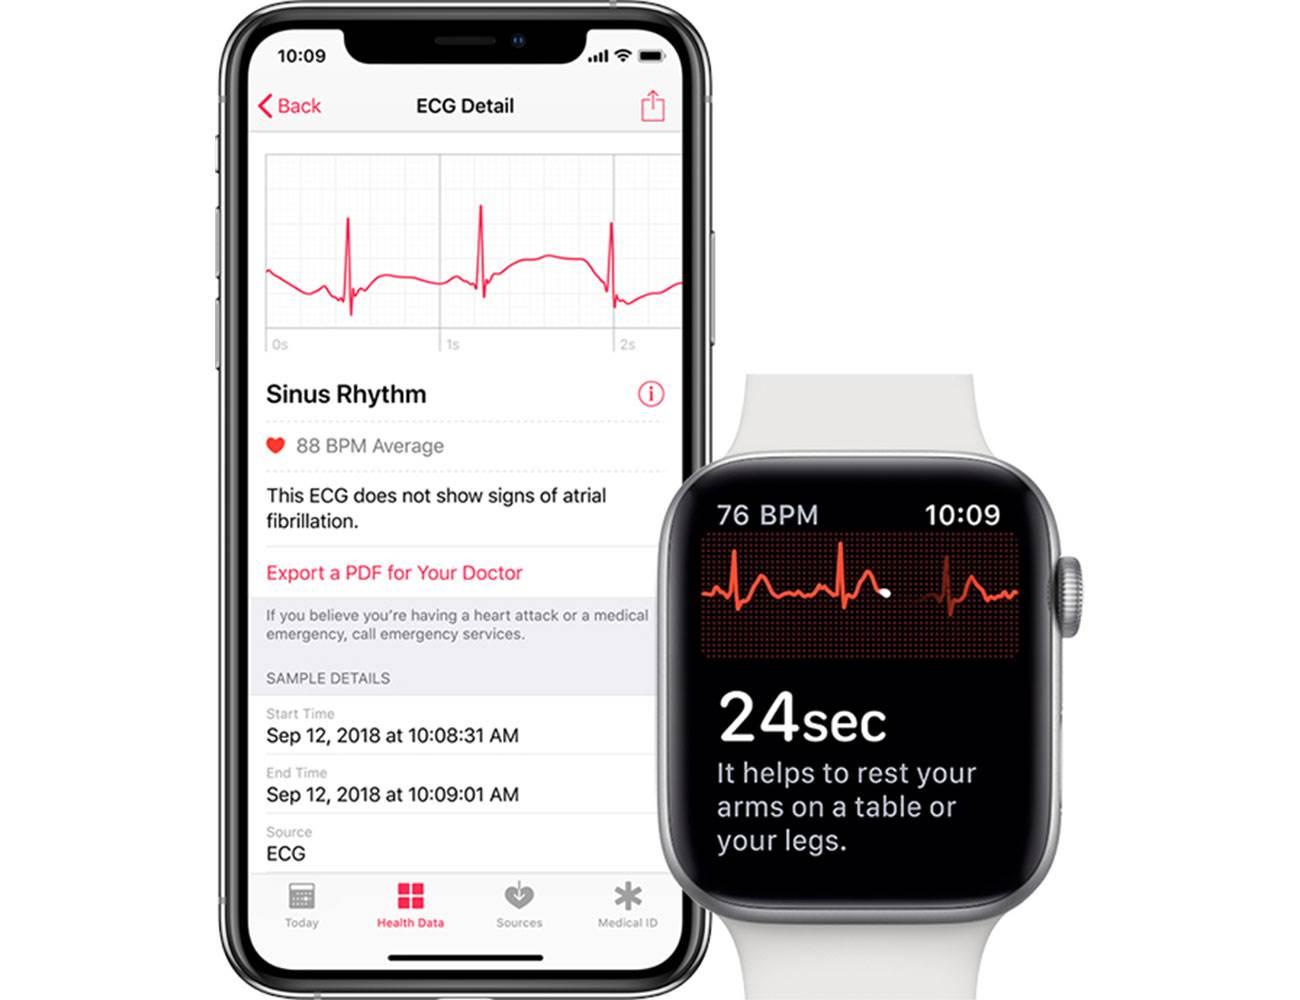 Użytkownicy Apple Watch Series 4 już mogą się cieszyć. Dzisiejsza finalna wersja watchOS 5.2.1 aktywuje funkcję EKG w Polsce! polecane, ciekawostki watchOS 5.2.1, kiedy funkcja ekg w apple watch w polsce, jak aktywować ekg w polsce, jak aktywować ekg w apple watch w polsce, ekg w polsce, ekg w apple watch w polsce  Dziś oprócz finalnej wersji iOS 12.3 udostępniona zostanie także finalna wersja watchOS 5.2.1, która umożliwi korzystanie z funkcji EKG w Polsce! Oczywiście funkcja ta dostępna jest tylko w Apple Watch Series 4. EKG